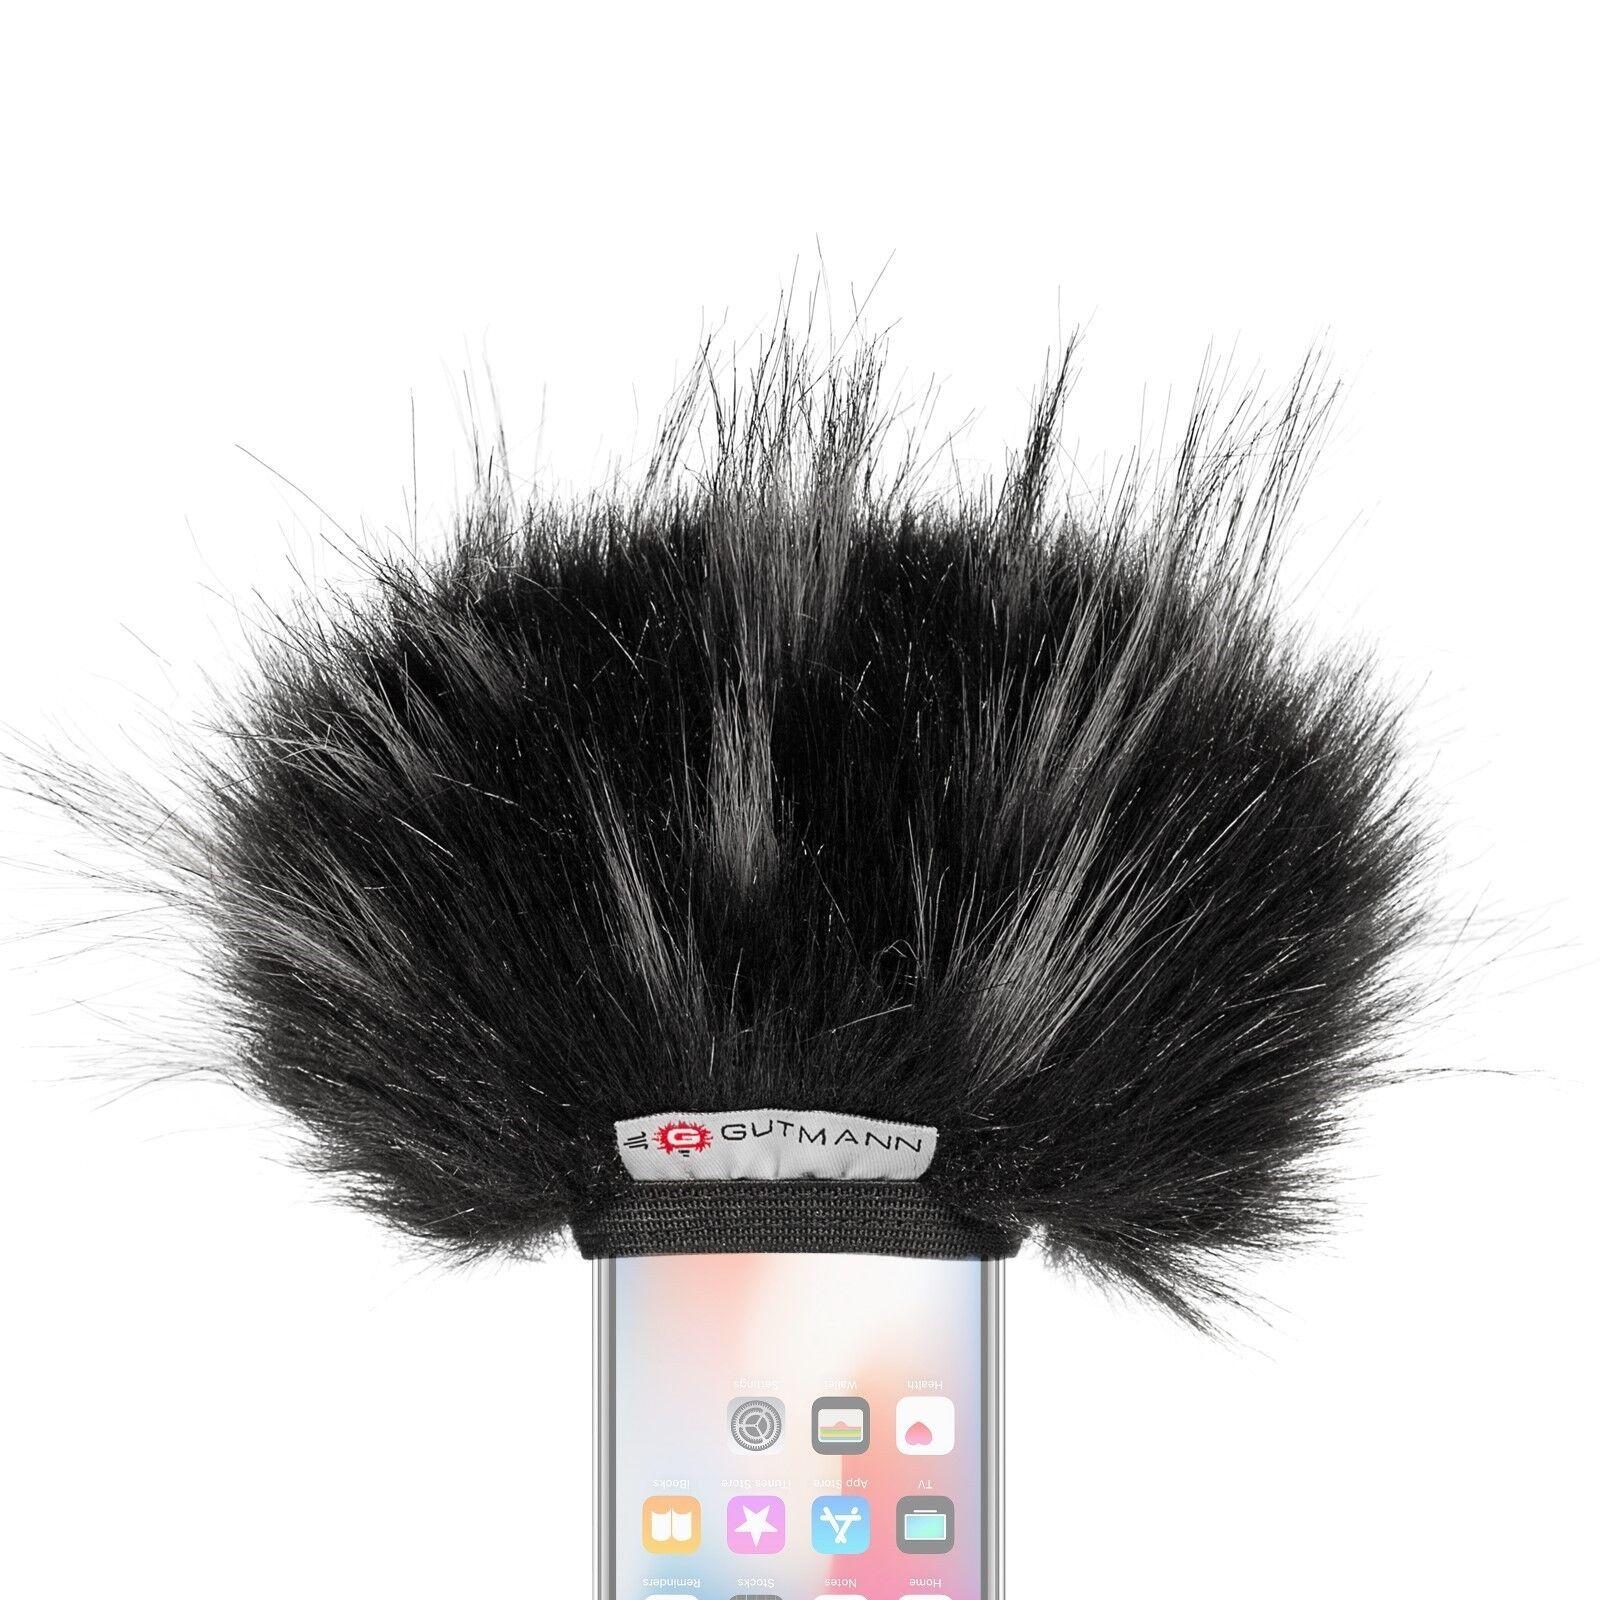 Gutmann Microfono Predezione Dal Vento per Samsung Galaxy S8 S9 Plus Premium Di